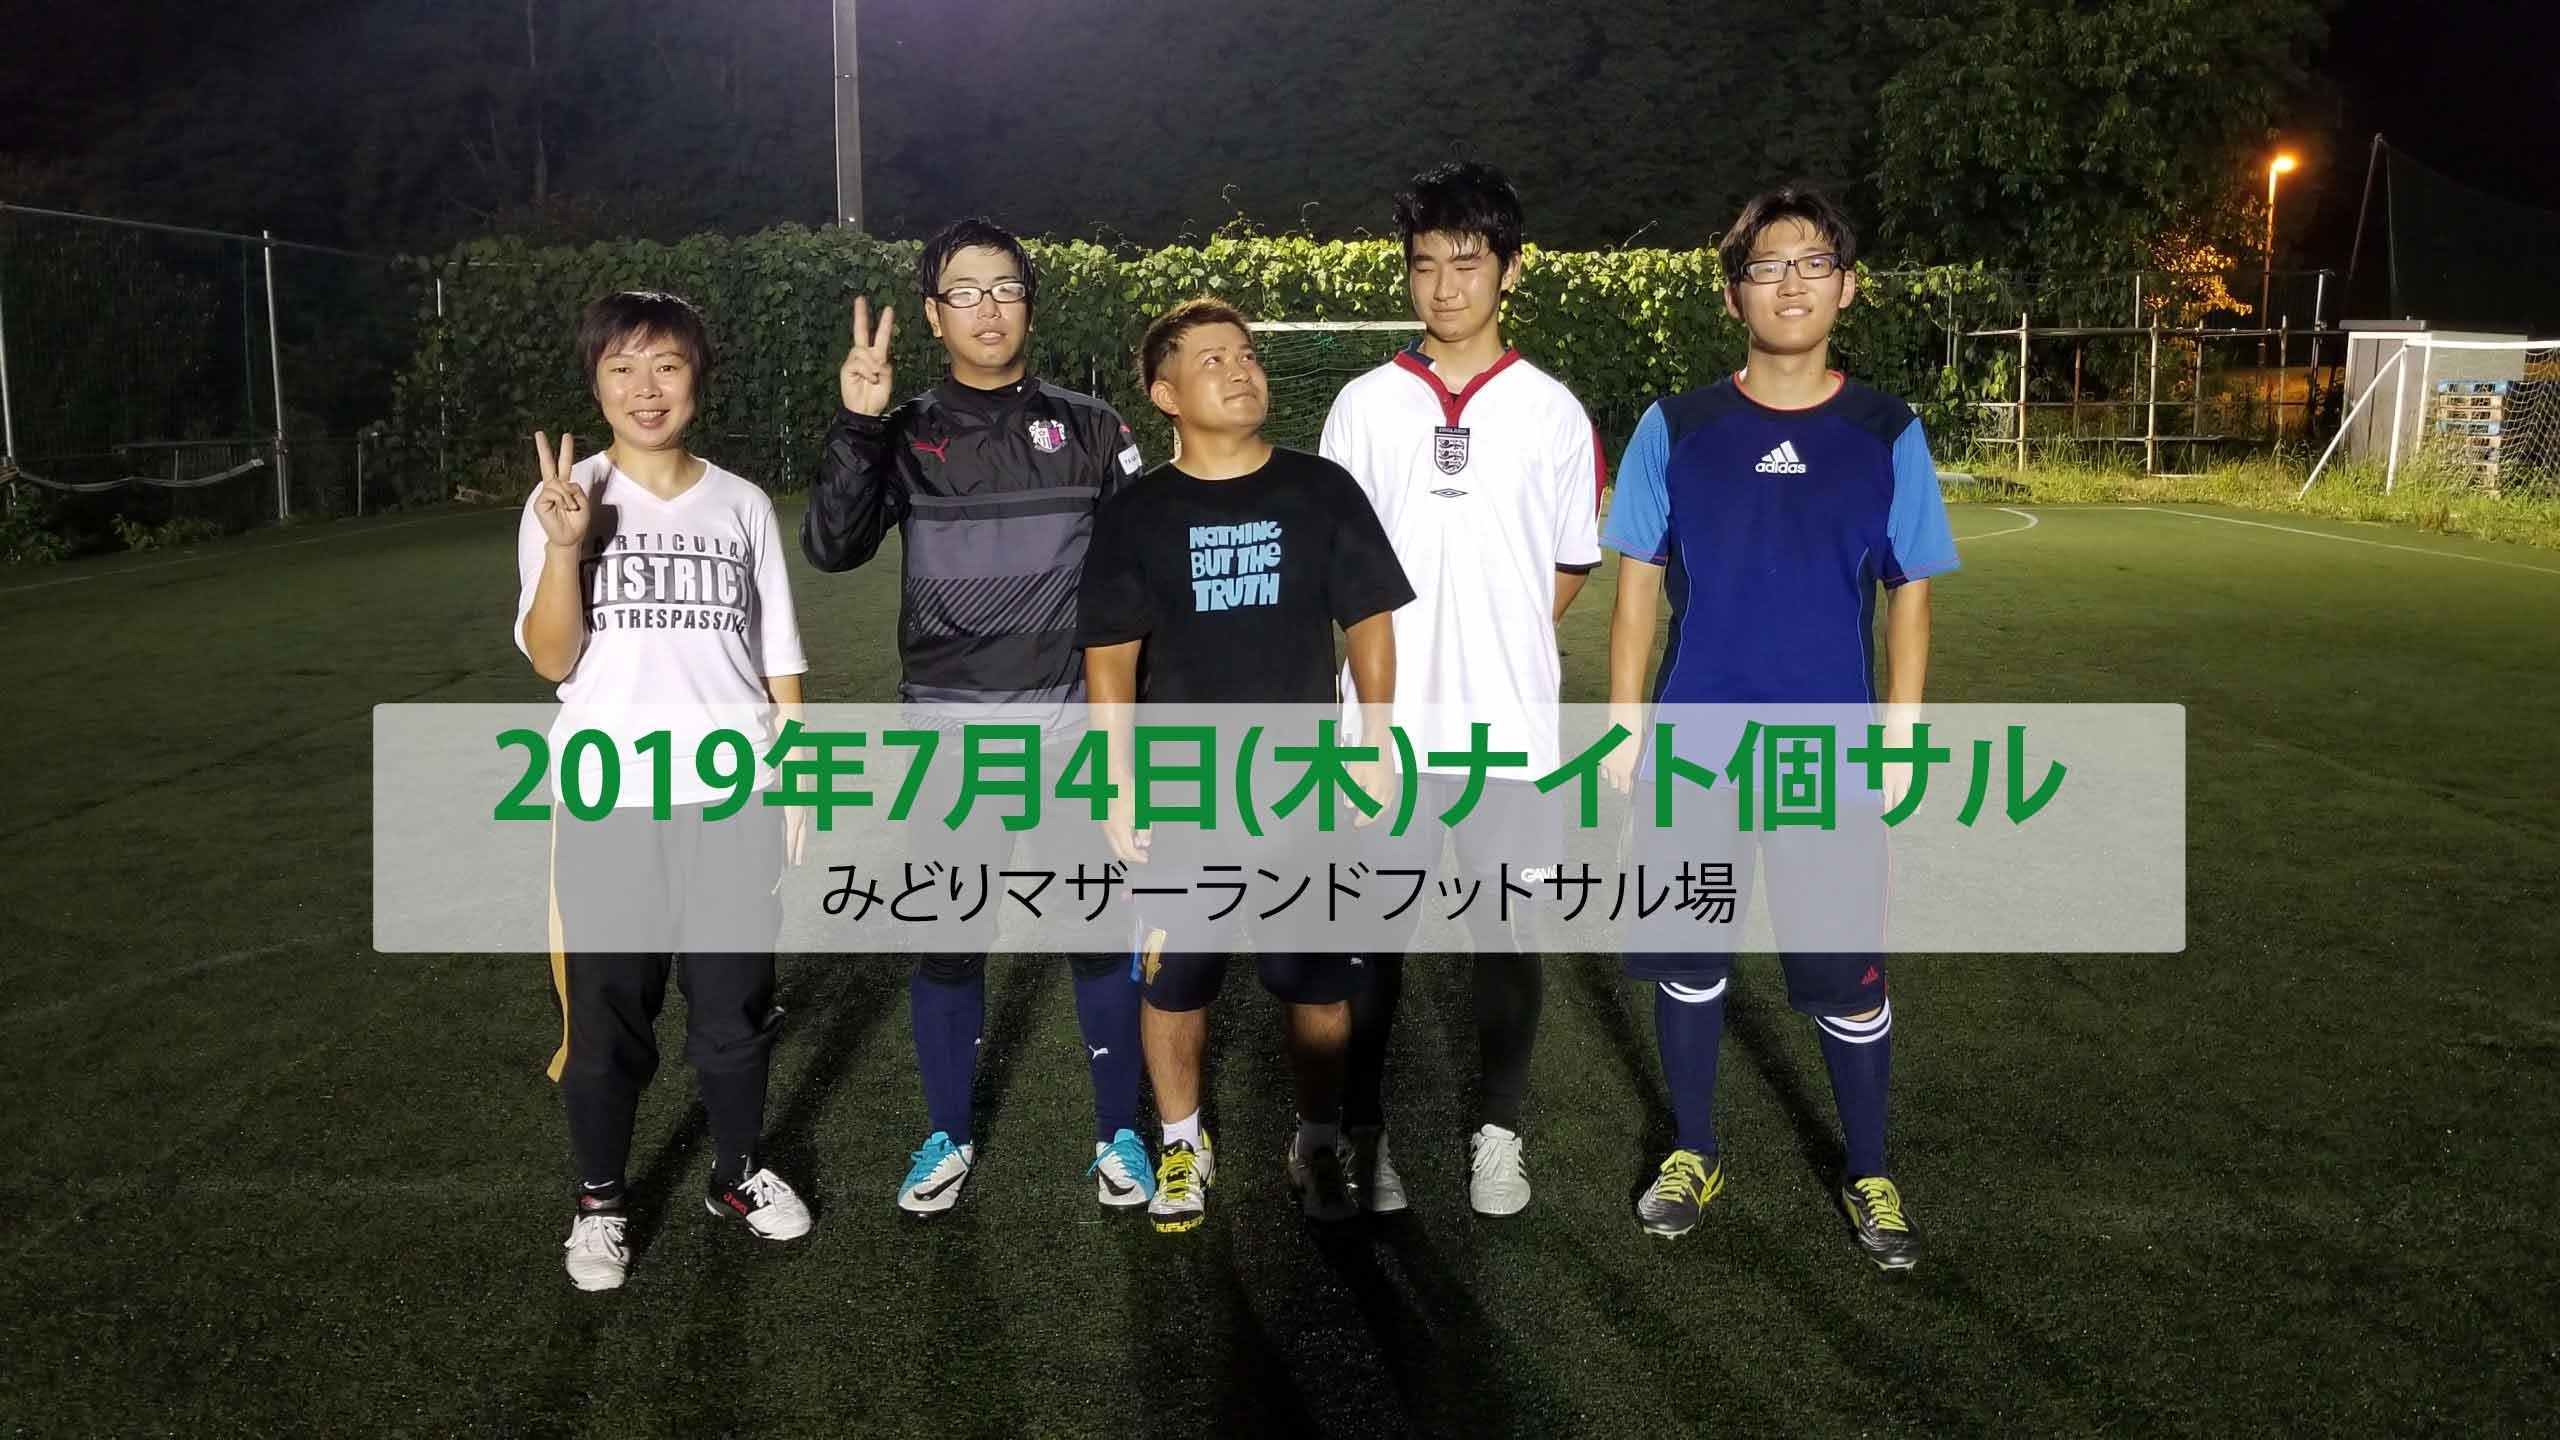 2019年7月4日(木)ナイト個サル